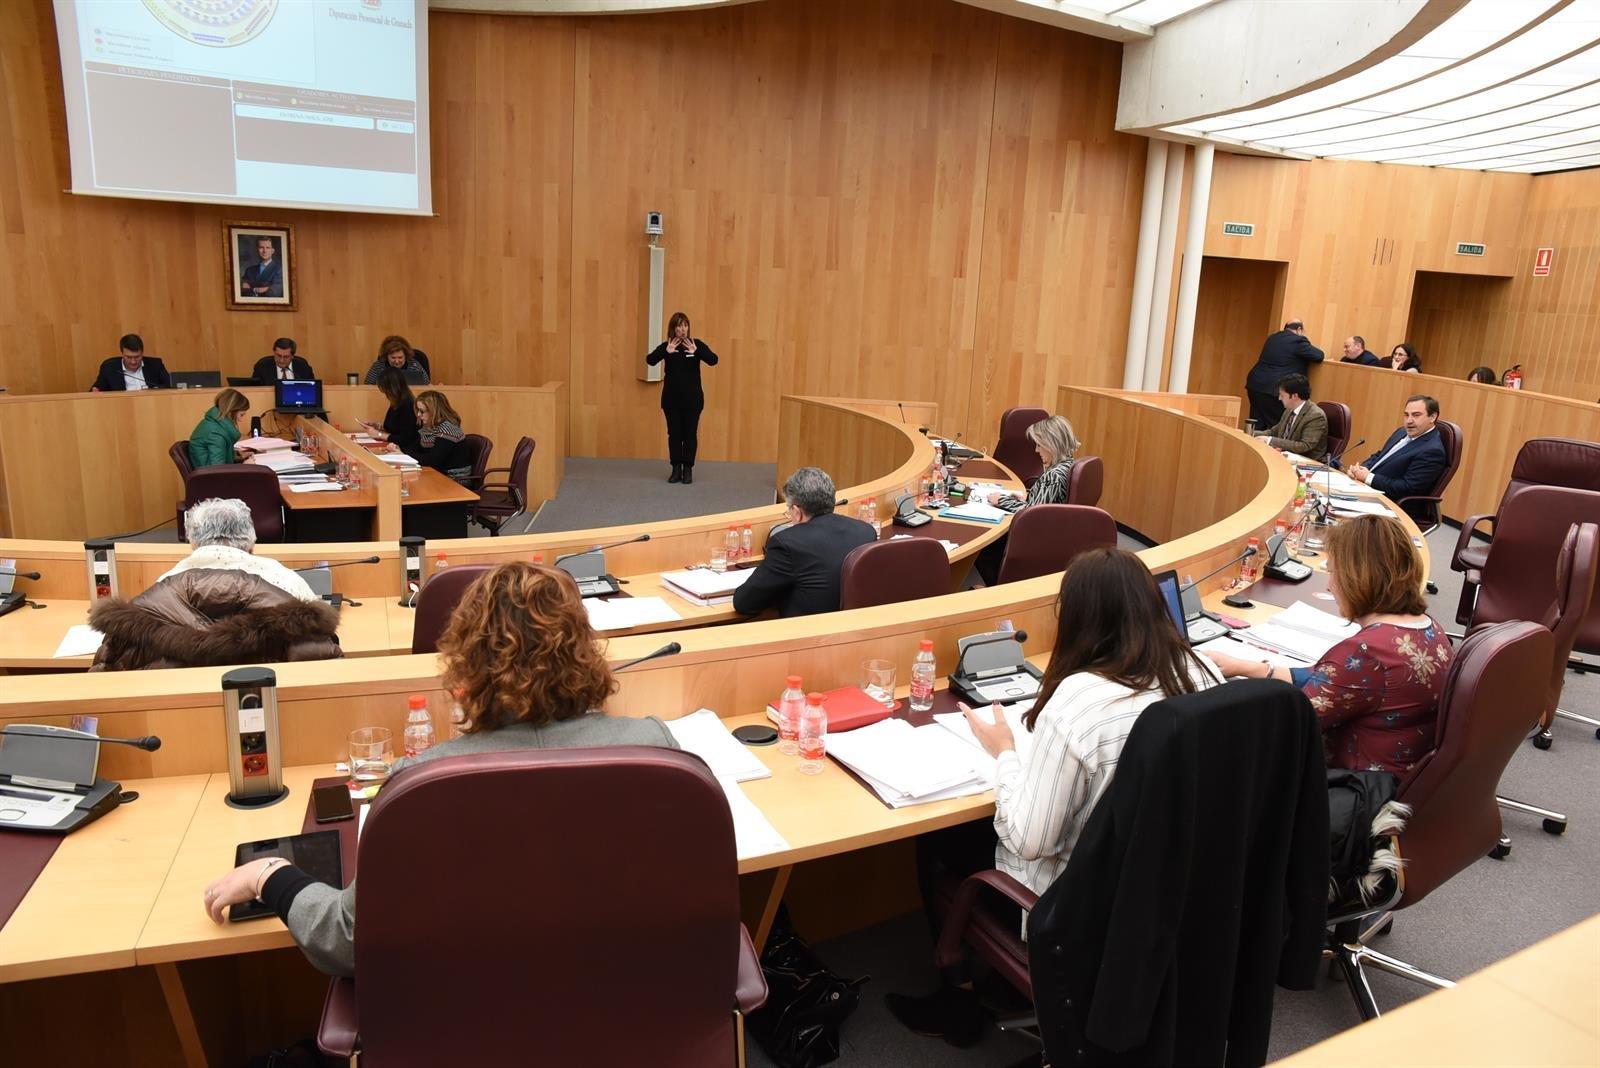 Diputación aprueba una moción contra la supresión de servicios en las oficinas liquidadoras de la Junta